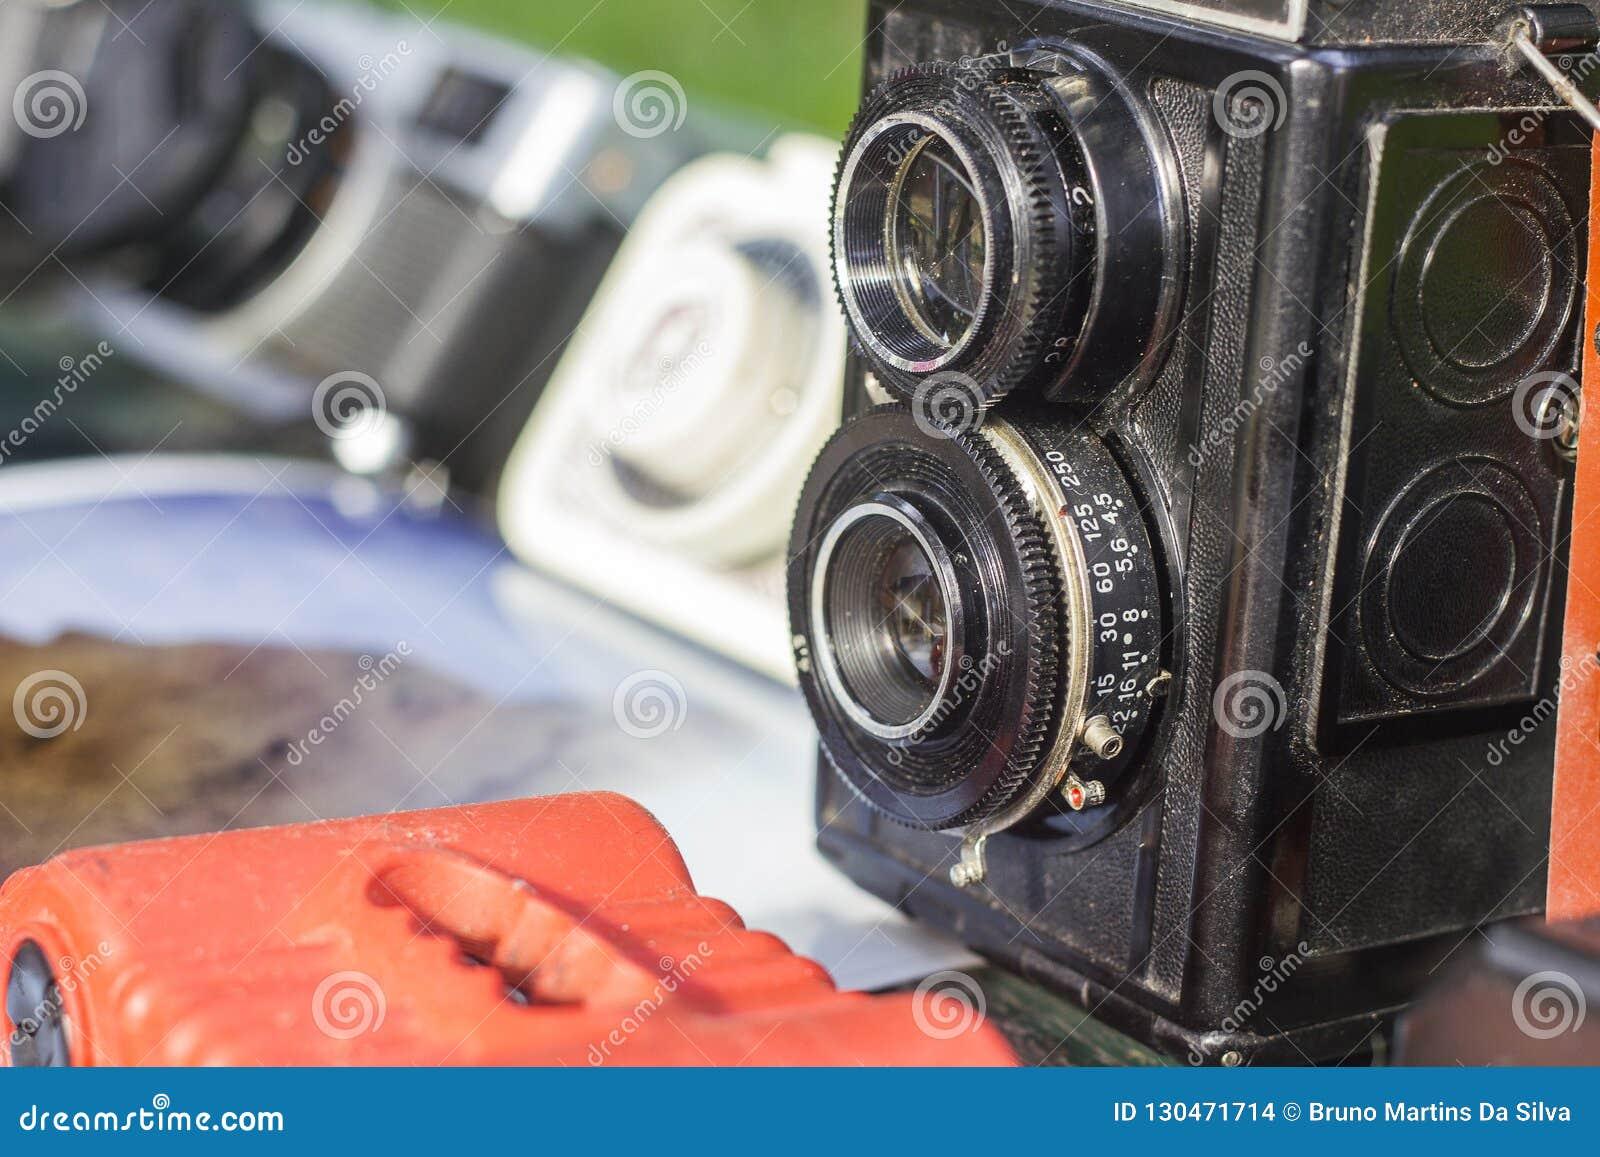 Stare zdjęcie kamery